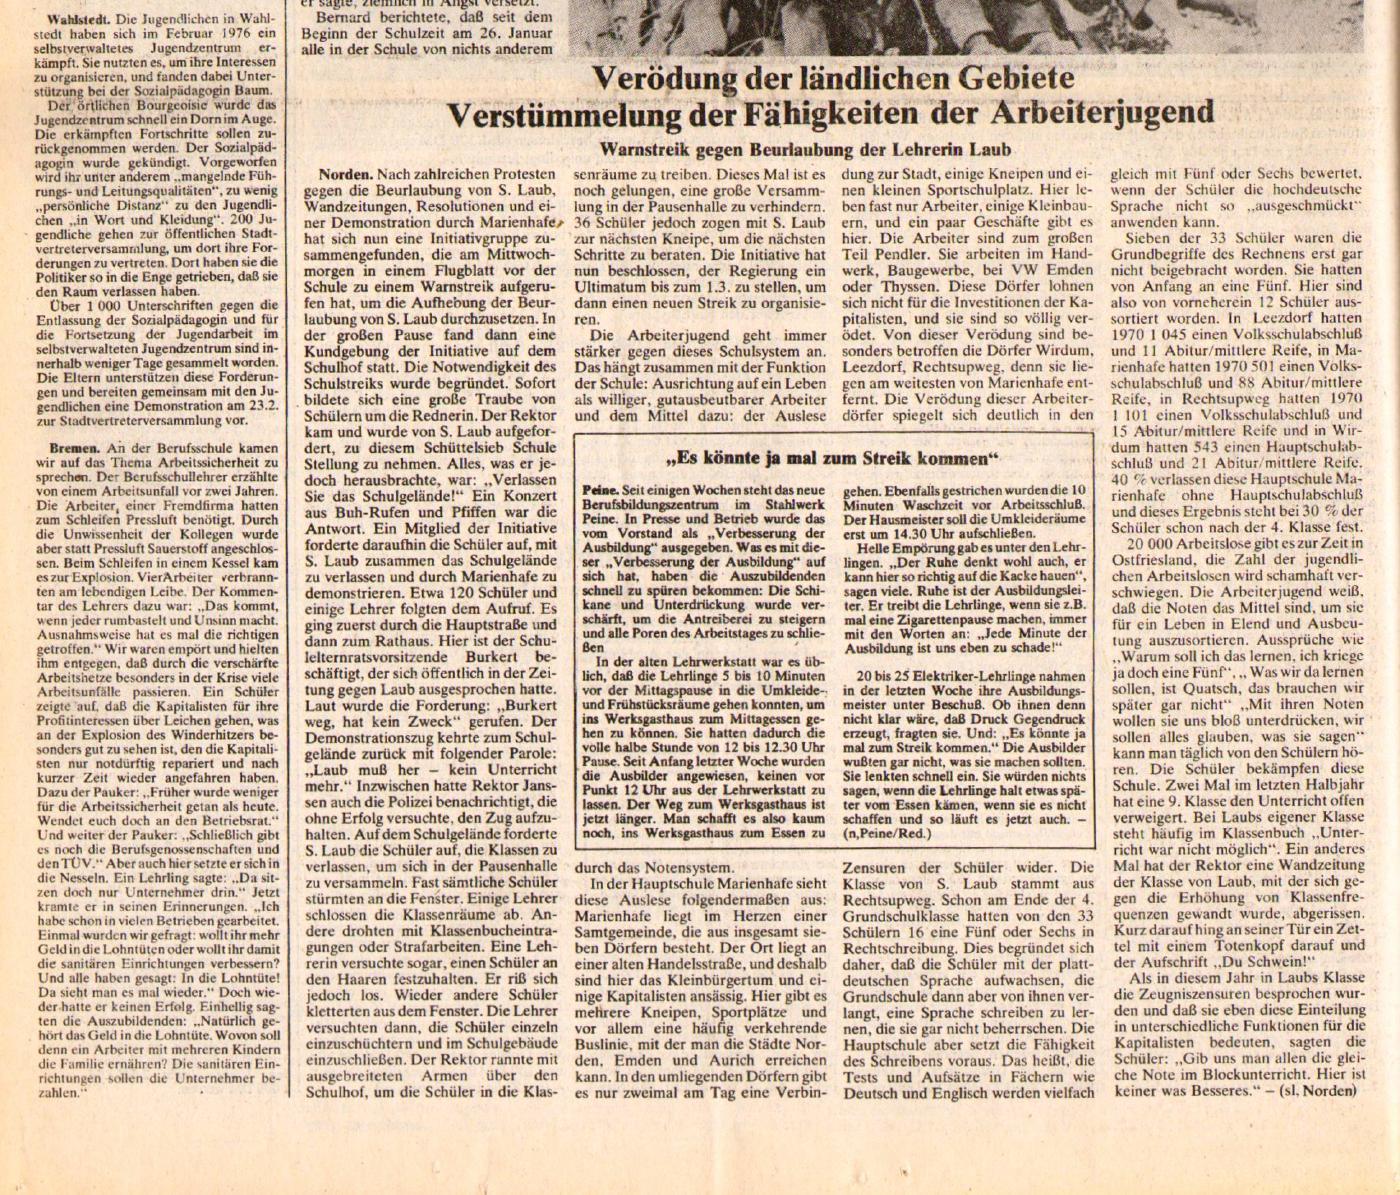 KVZ_Nord_1977_08_16